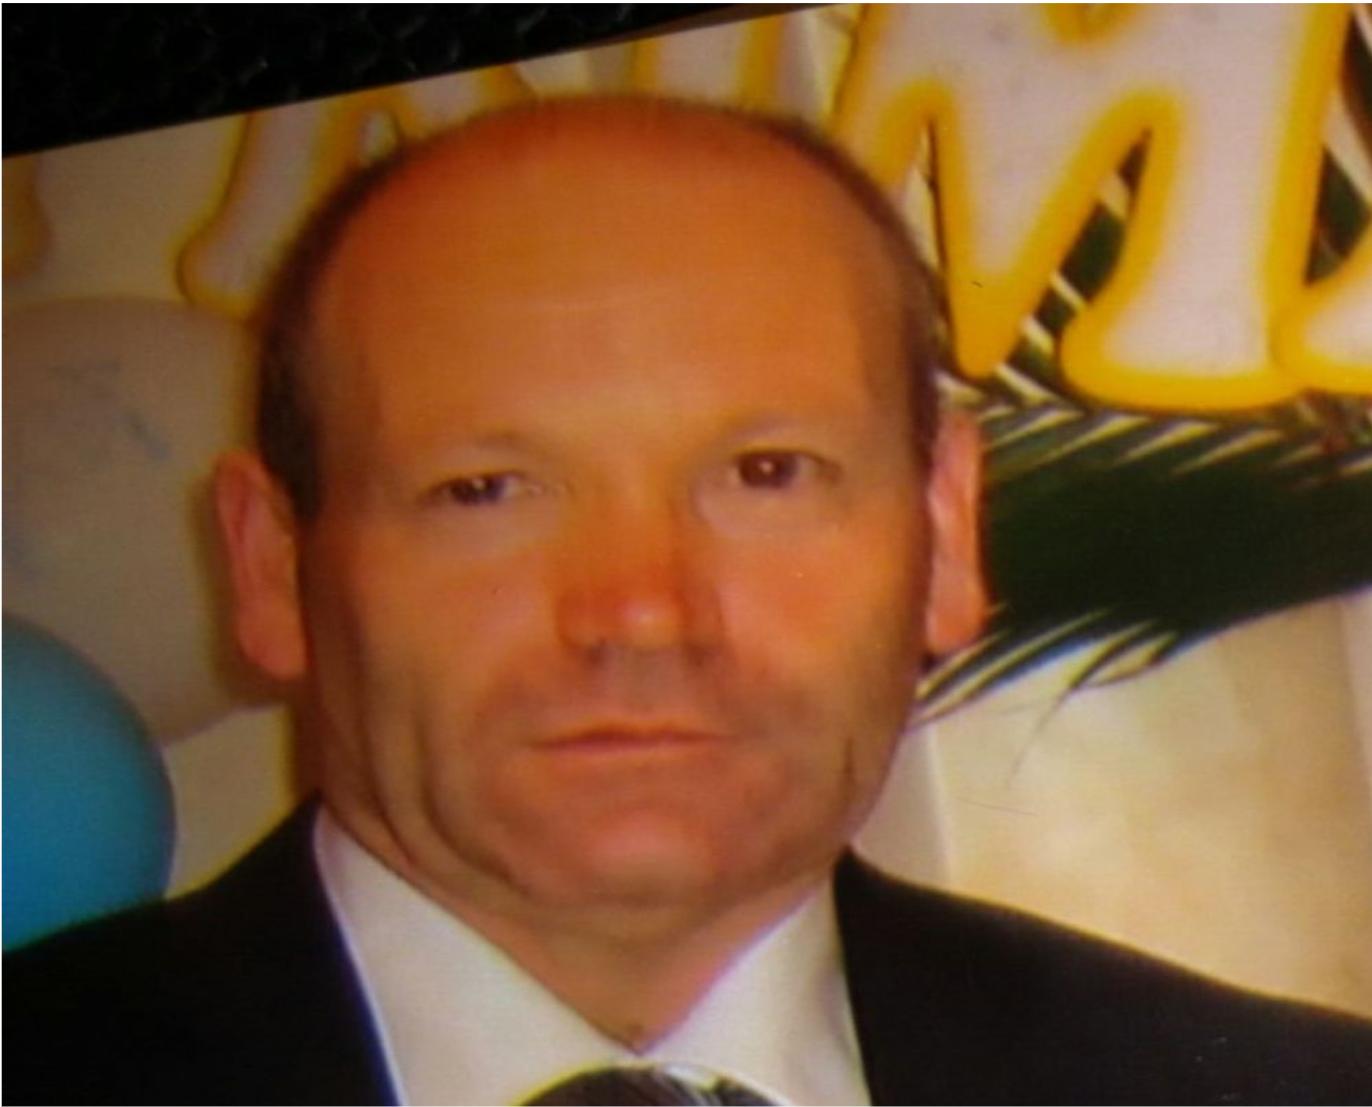 Doppio giallo nel Vibonese: resta il mistero sulla scomparsa di un commercialista e l'aggressione a un commerciante